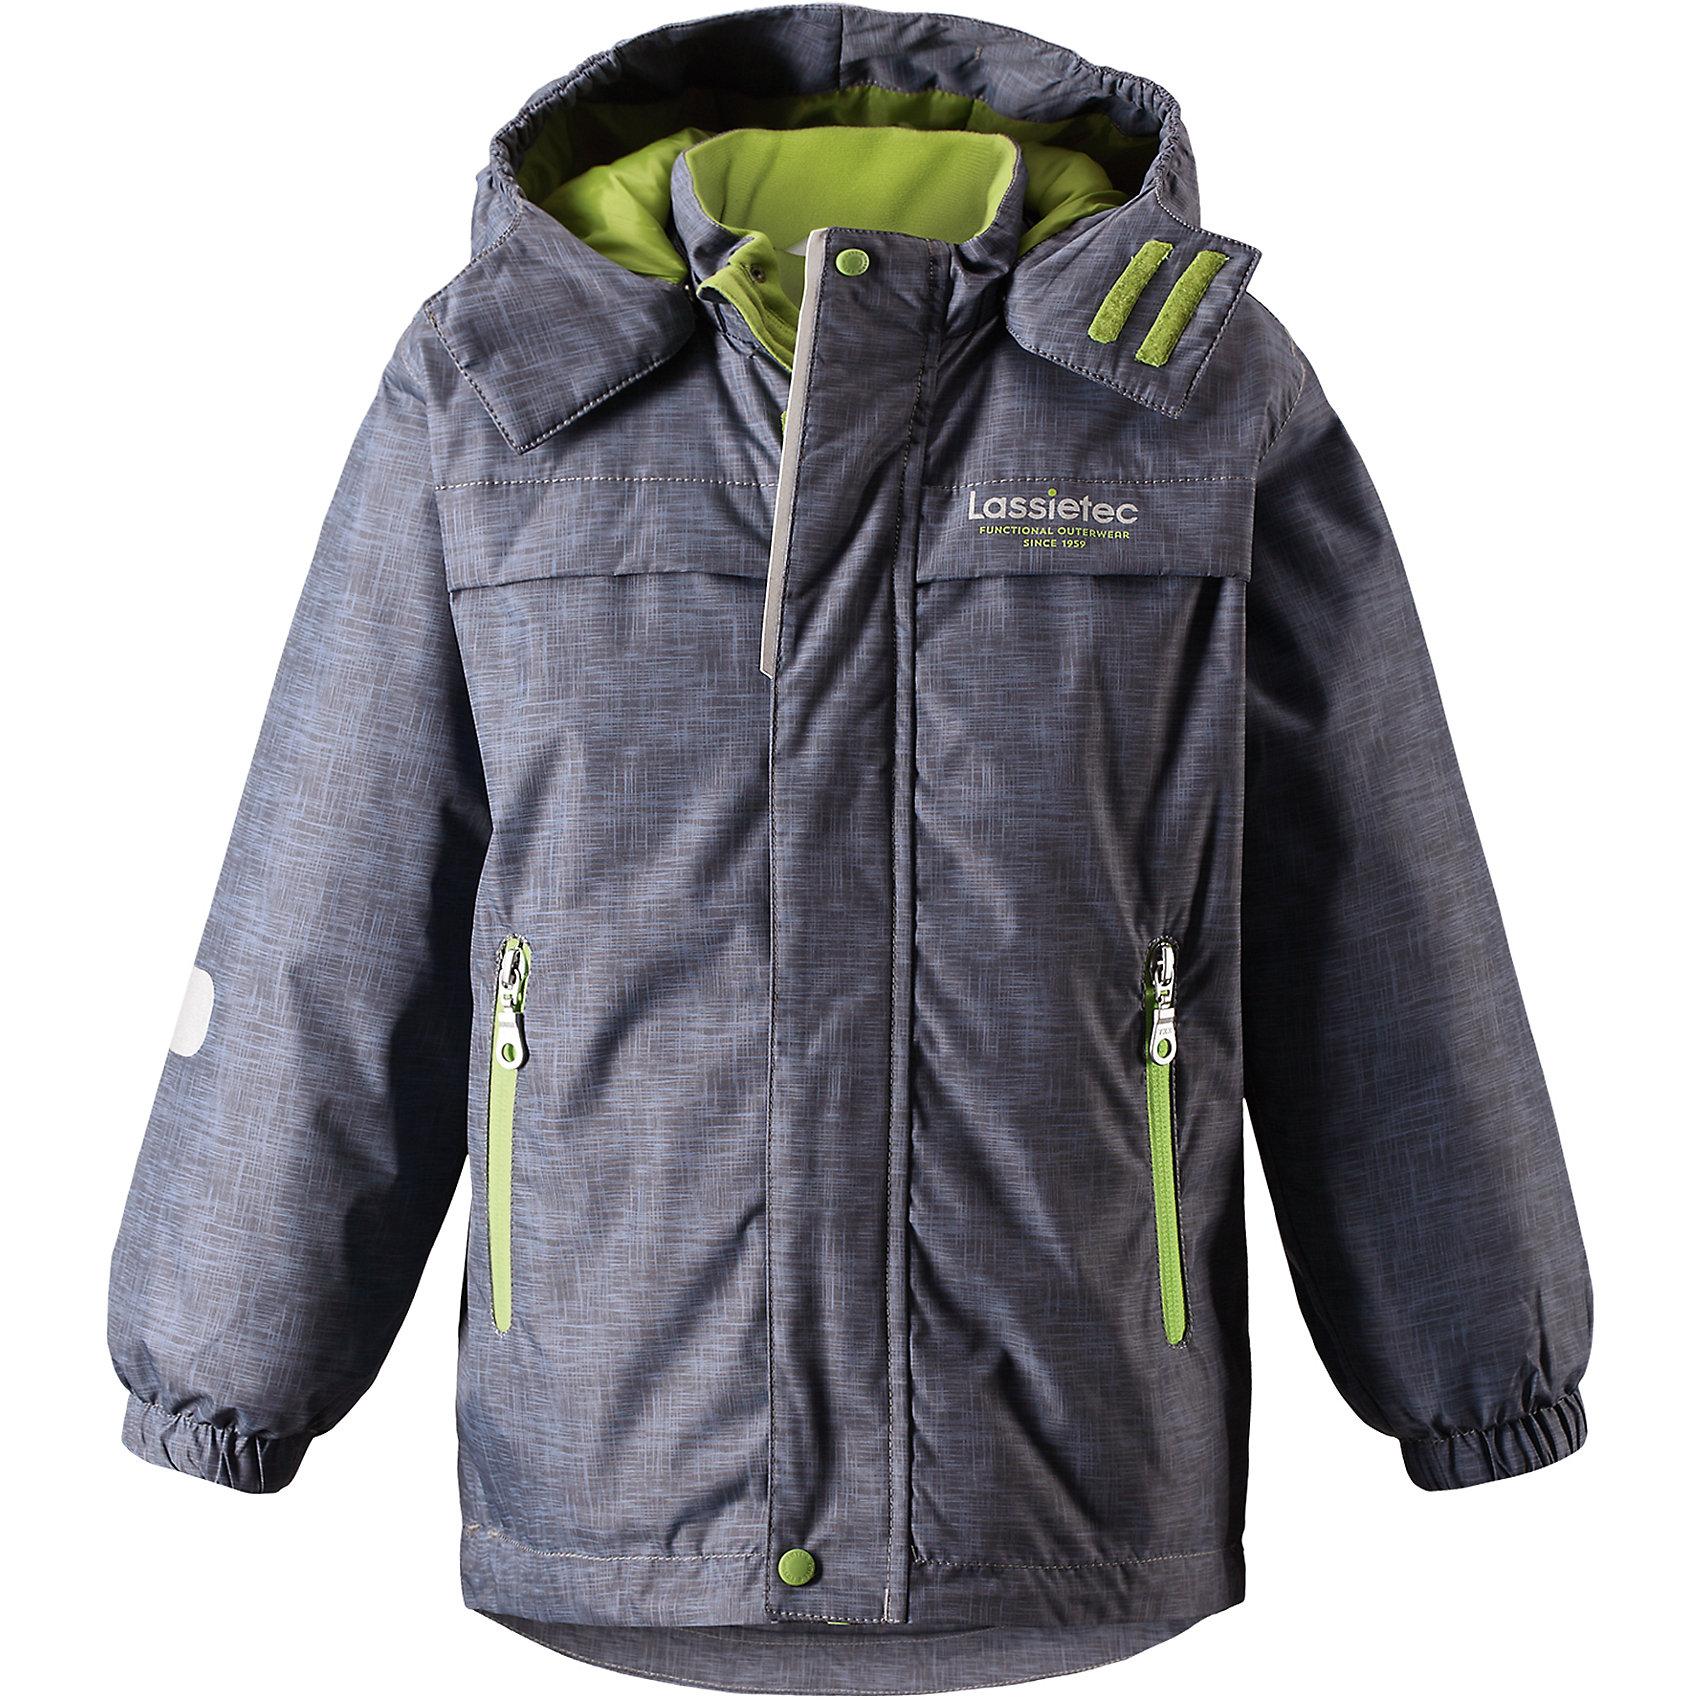 Куртка Lassietec LassieОдежда<br>Эта теплая и функциональная детская зимняя куртка Lassietec® отлично подходит для ежедневной носки! Съемный капюшон защищает от пронизывающего ветра и гарантирует безопасность во время игр на свежем воздухе. Гладкая и приятная на ощупь подкладка облегчает надевание и обеспечивает дополнительное утепление. Все основные швы в куртке проклеены, водонепроницаемы, а водонепроницаемый, ветронепроницаемый и дышащий материал обеспечивает комфорт во время веселых прогулок. При необходимости подол легко регулируется. <br>Состав:<br>100% Полиэстер<br><br>Ширина мм: 356<br>Глубина мм: 10<br>Высота мм: 245<br>Вес г: 519<br>Цвет: серый<br>Возраст от месяцев: 24<br>Возраст до месяцев: 36<br>Пол: Унисекс<br>Возраст: Детский<br>Размер: 98,104,110,116,122,128,134,140,92<br>SKU: 6927453